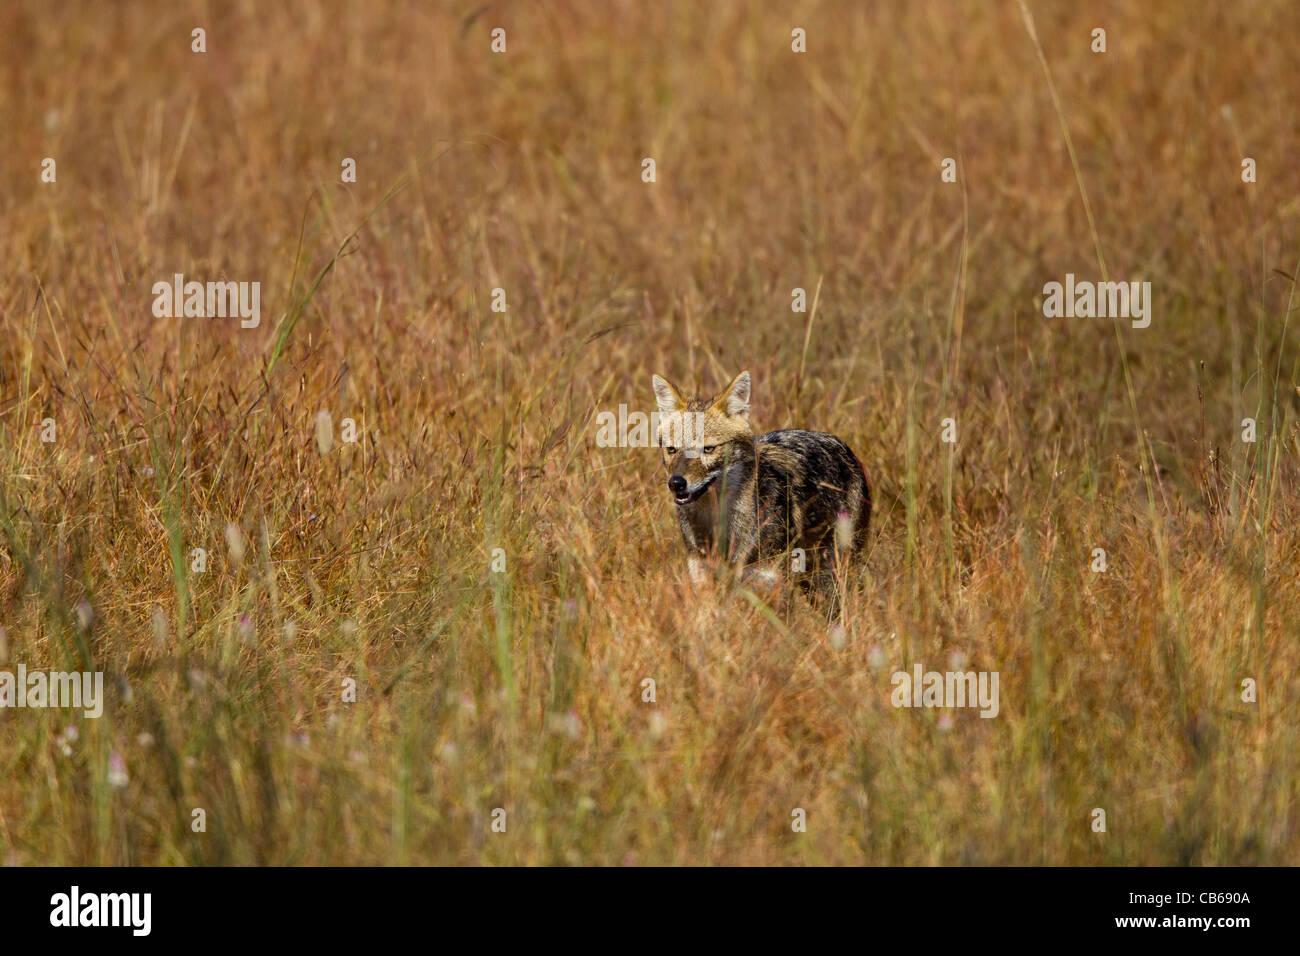 Indian Chacal (Canis aureus indicus), también conocido como El Chacal del Himalaya es una subespecie de golden jackal nativo de India, Bhuta Foto de stock